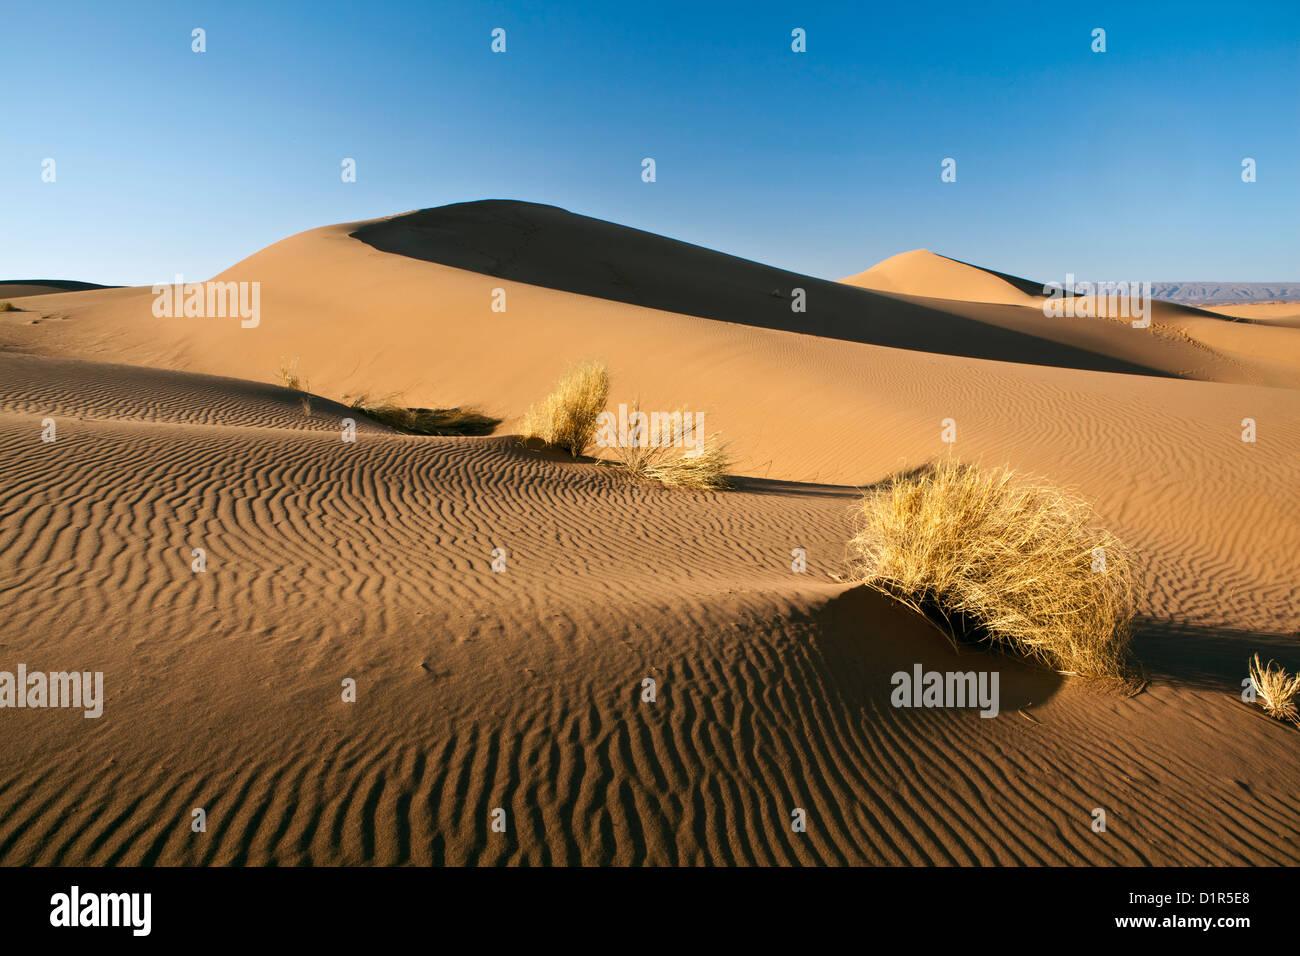 Il Marocco, M'Hamid, Erg Chigaga dune di sabbia. Deserto del Sahara. Tourist Camp, bivacco. Foto Stock